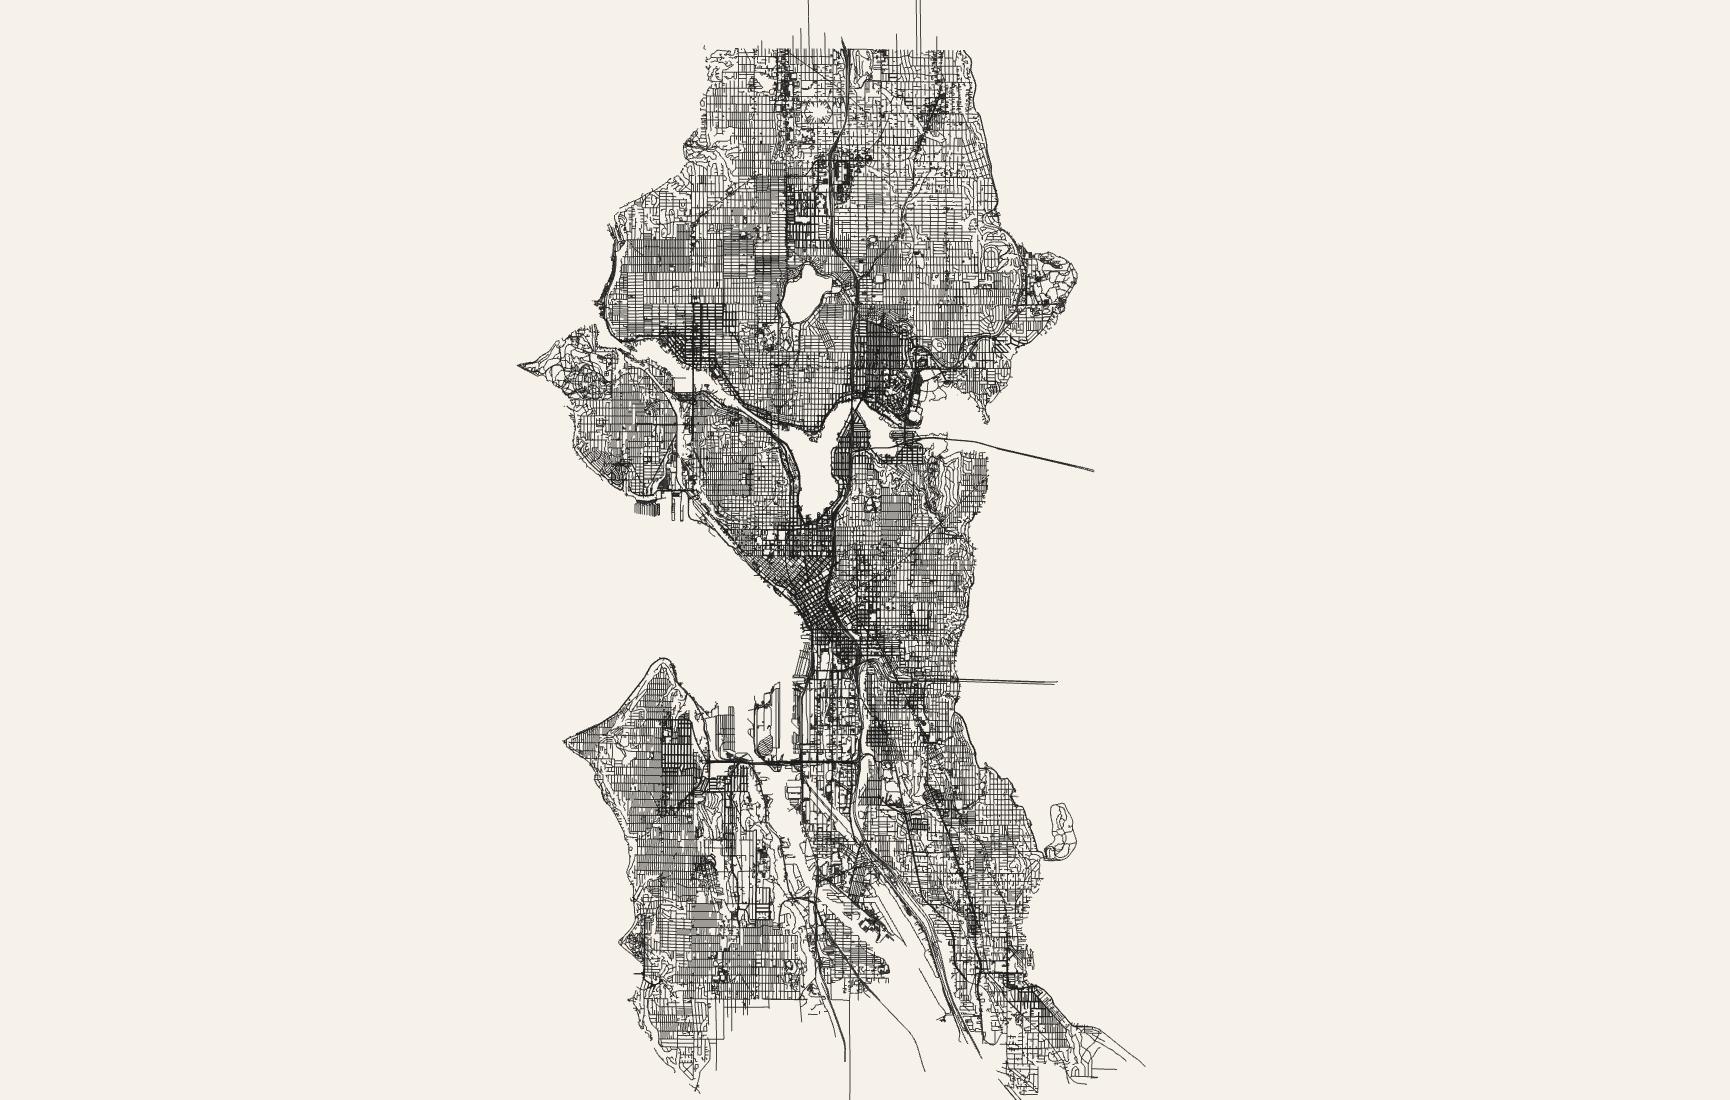 Seattle street grid